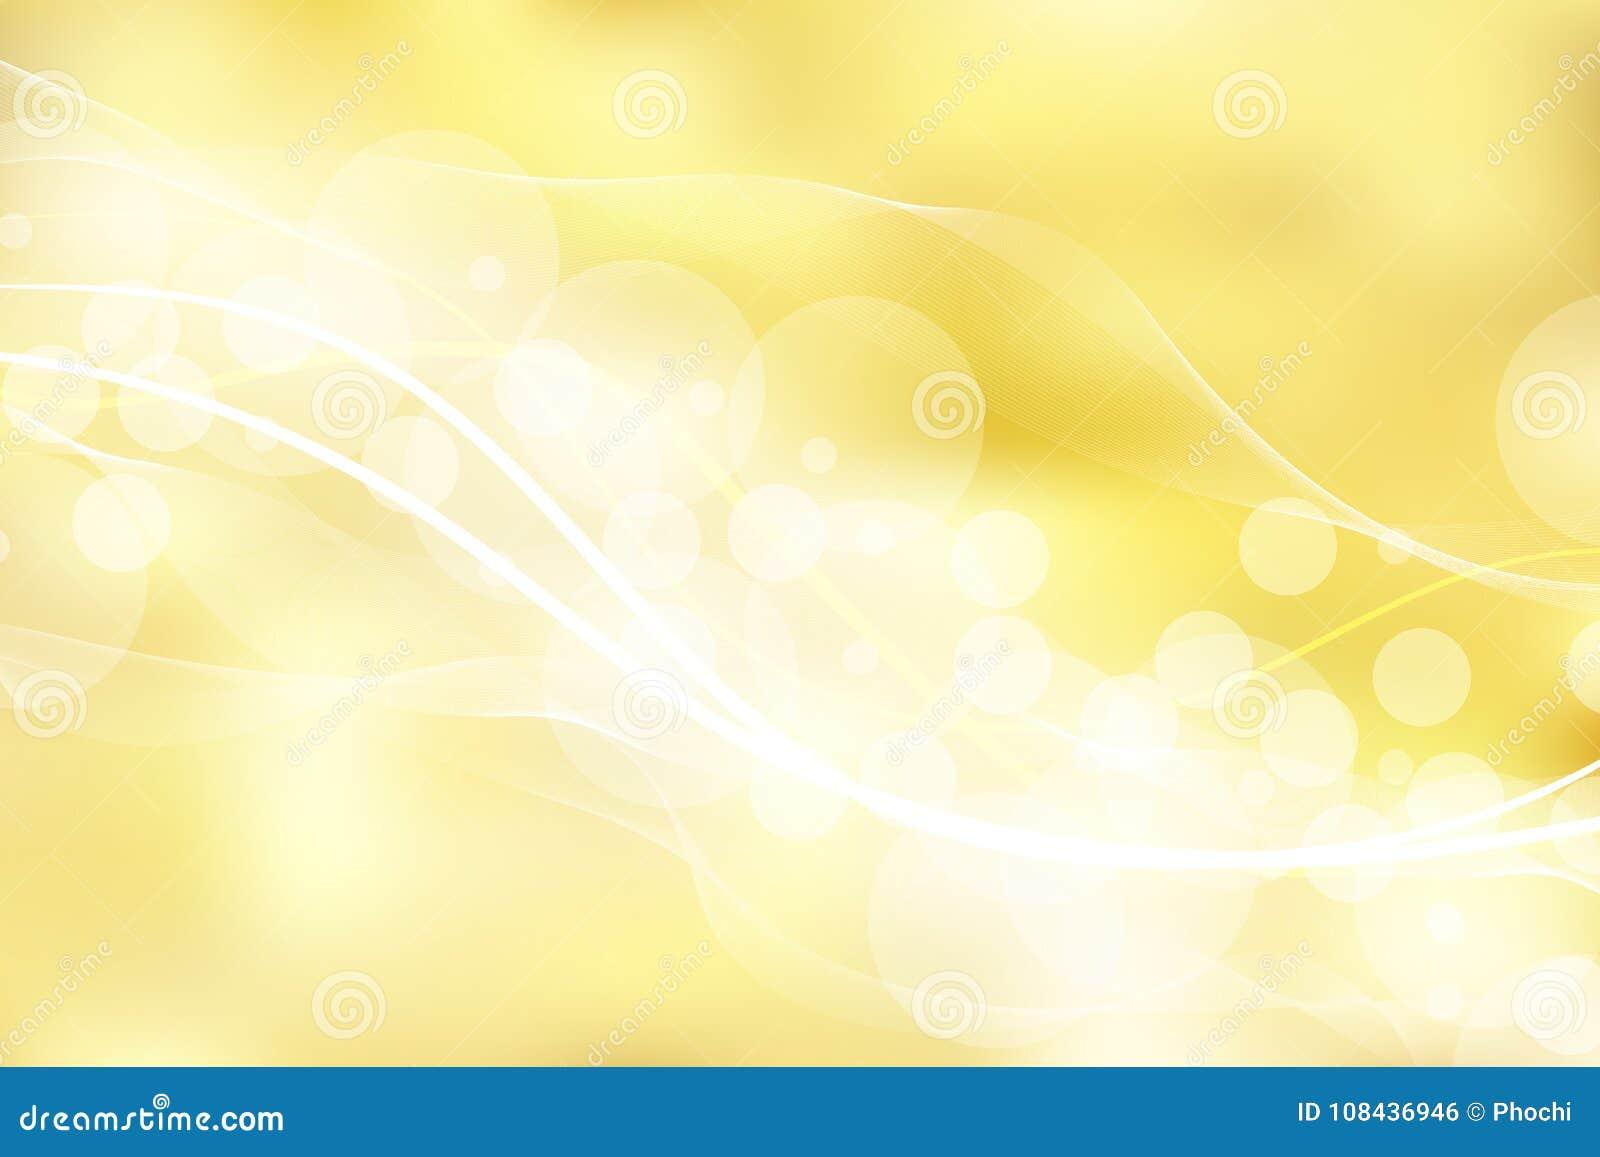 金子背景和纹理与bokeh弯曲线光 Elegan